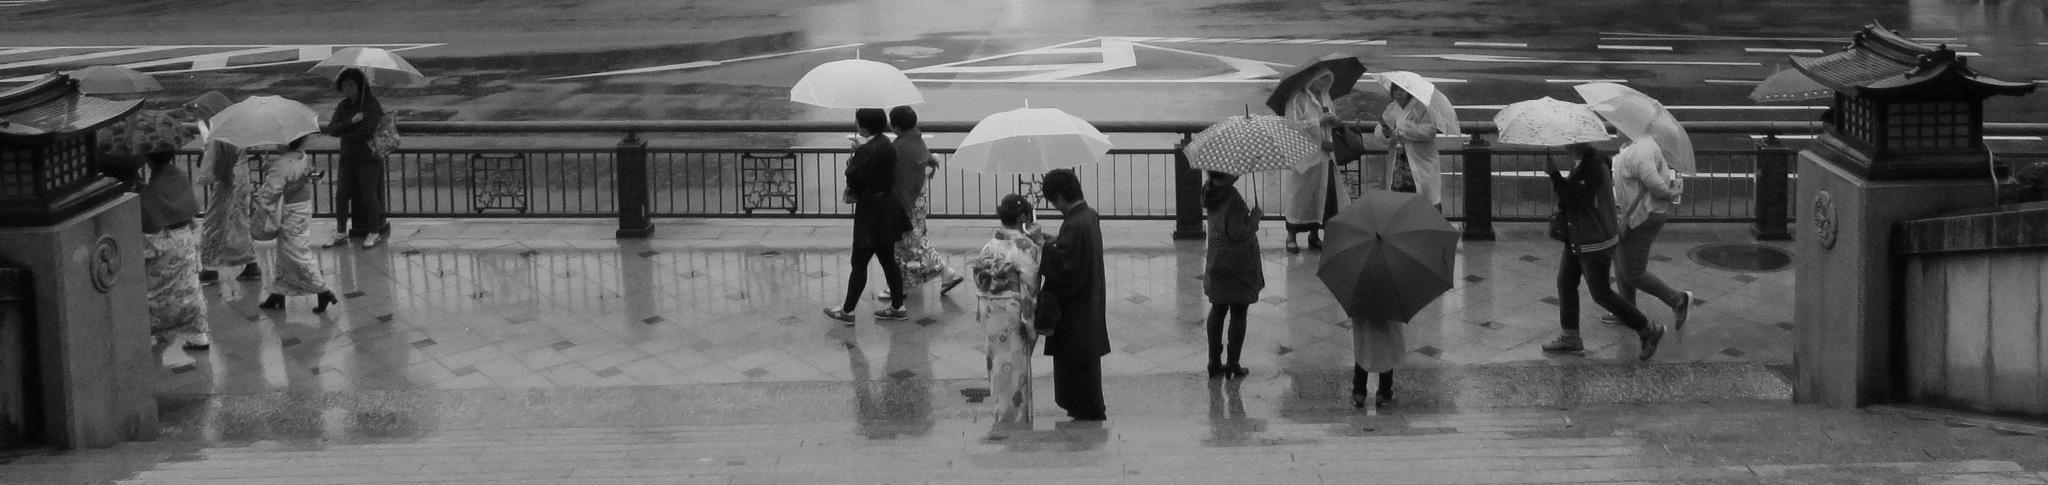 la dolce pioggia by Adelaide